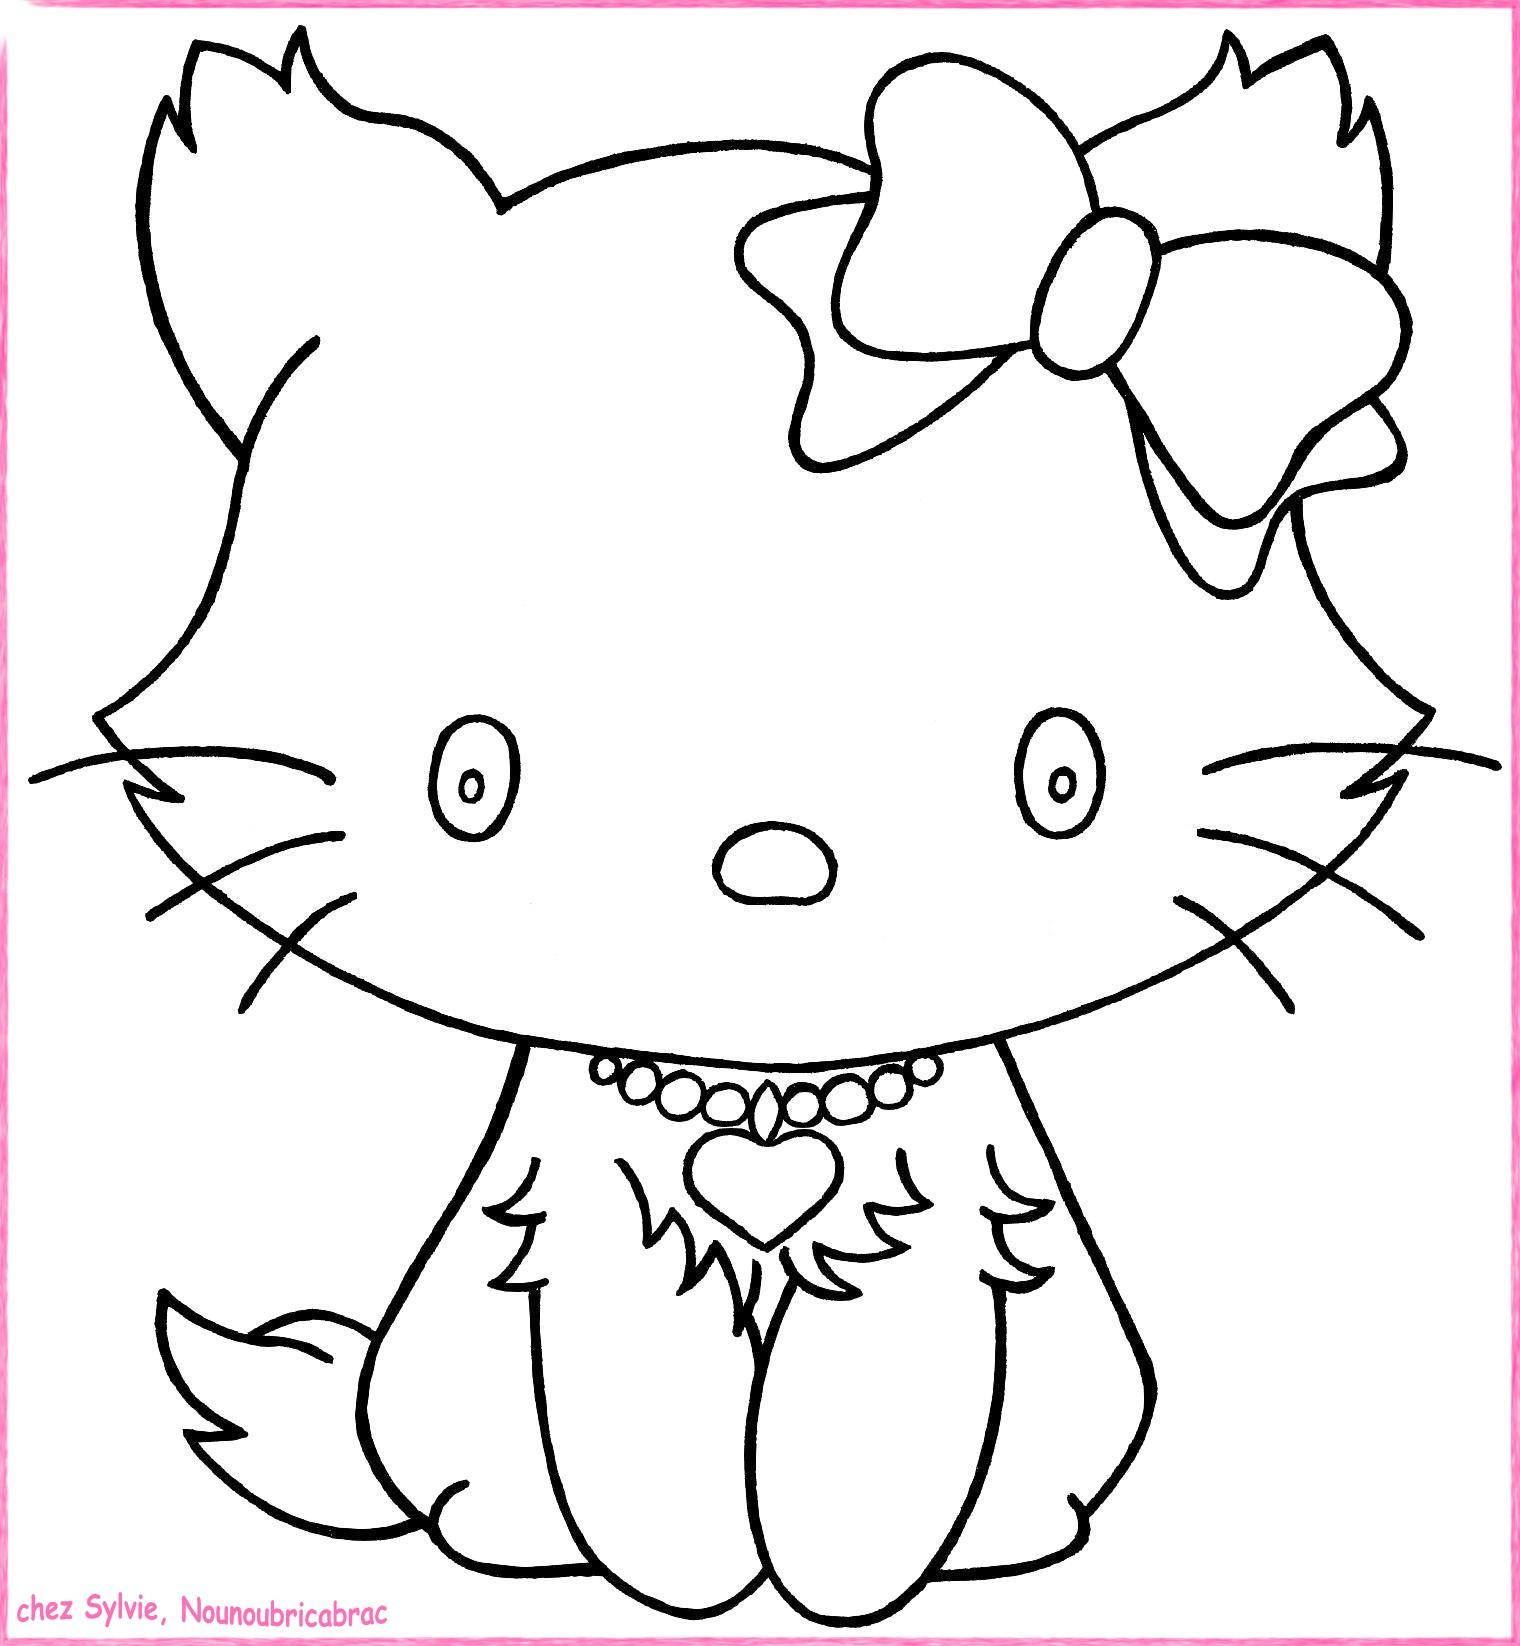 Dessin De Coloriage Chat À Imprimer - Cp06889 concernant Coloriage Pour Fille